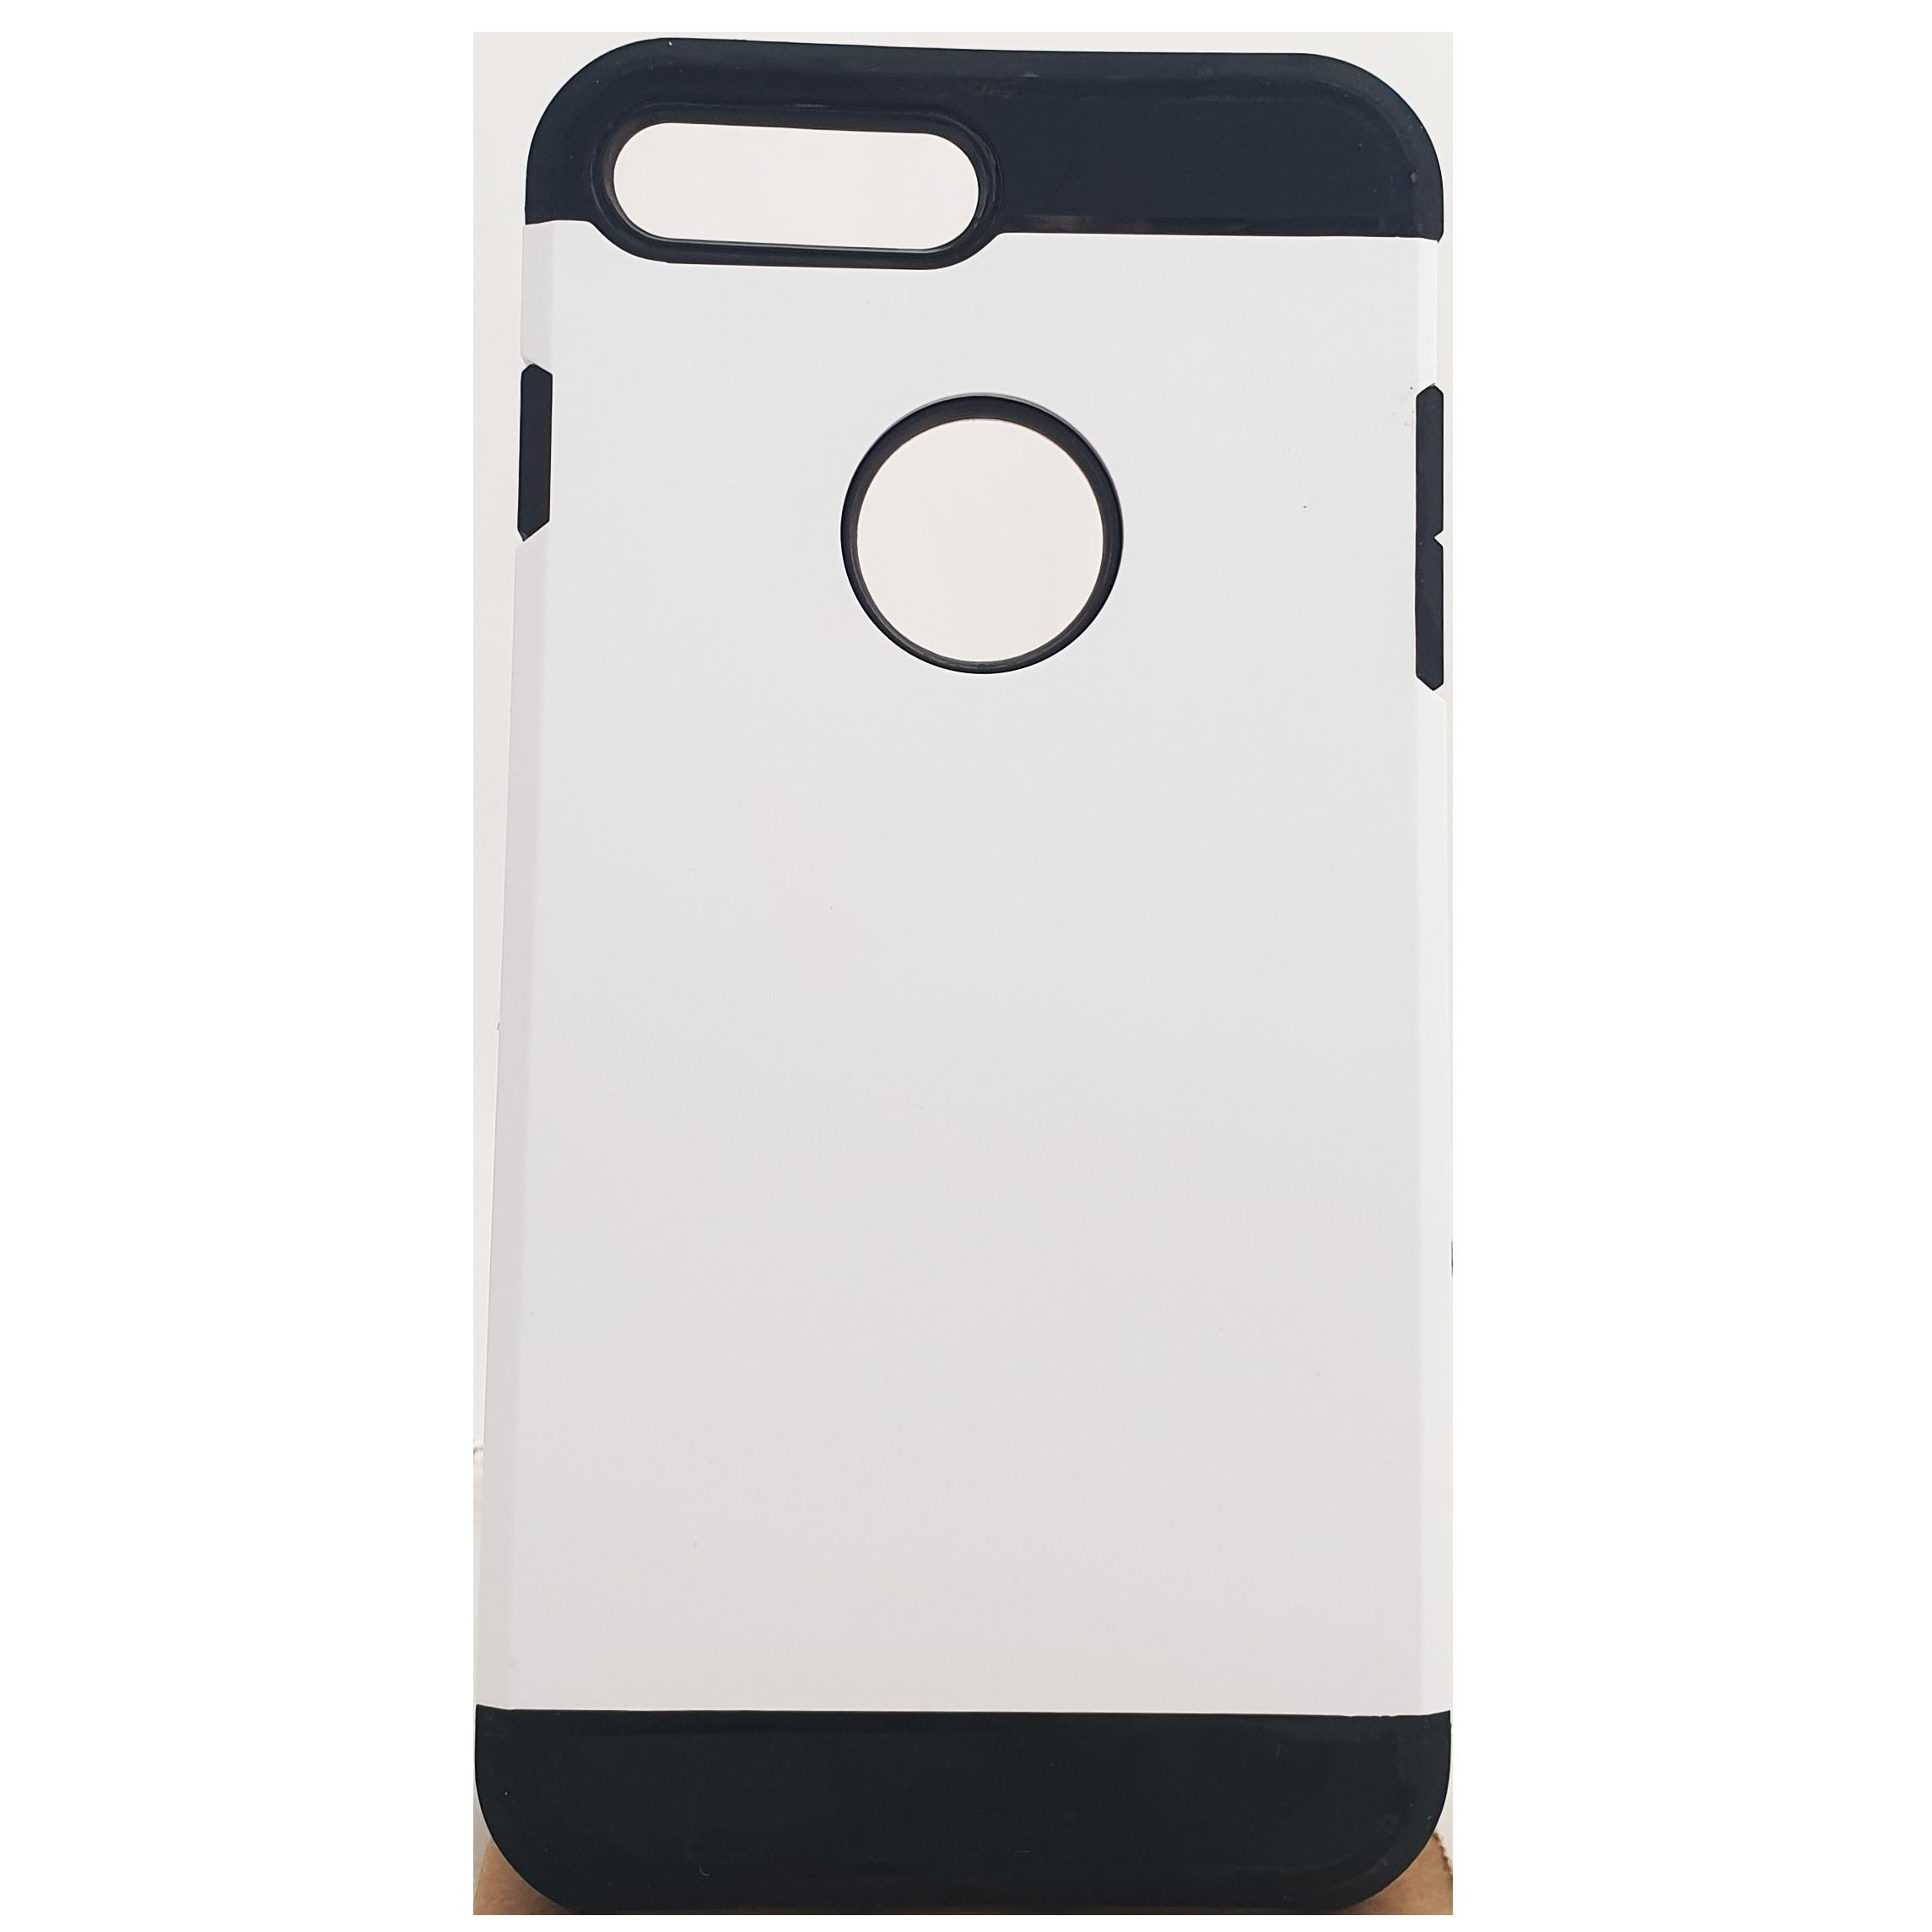 Mobilskal iPhone 7 Plus Svart Vit